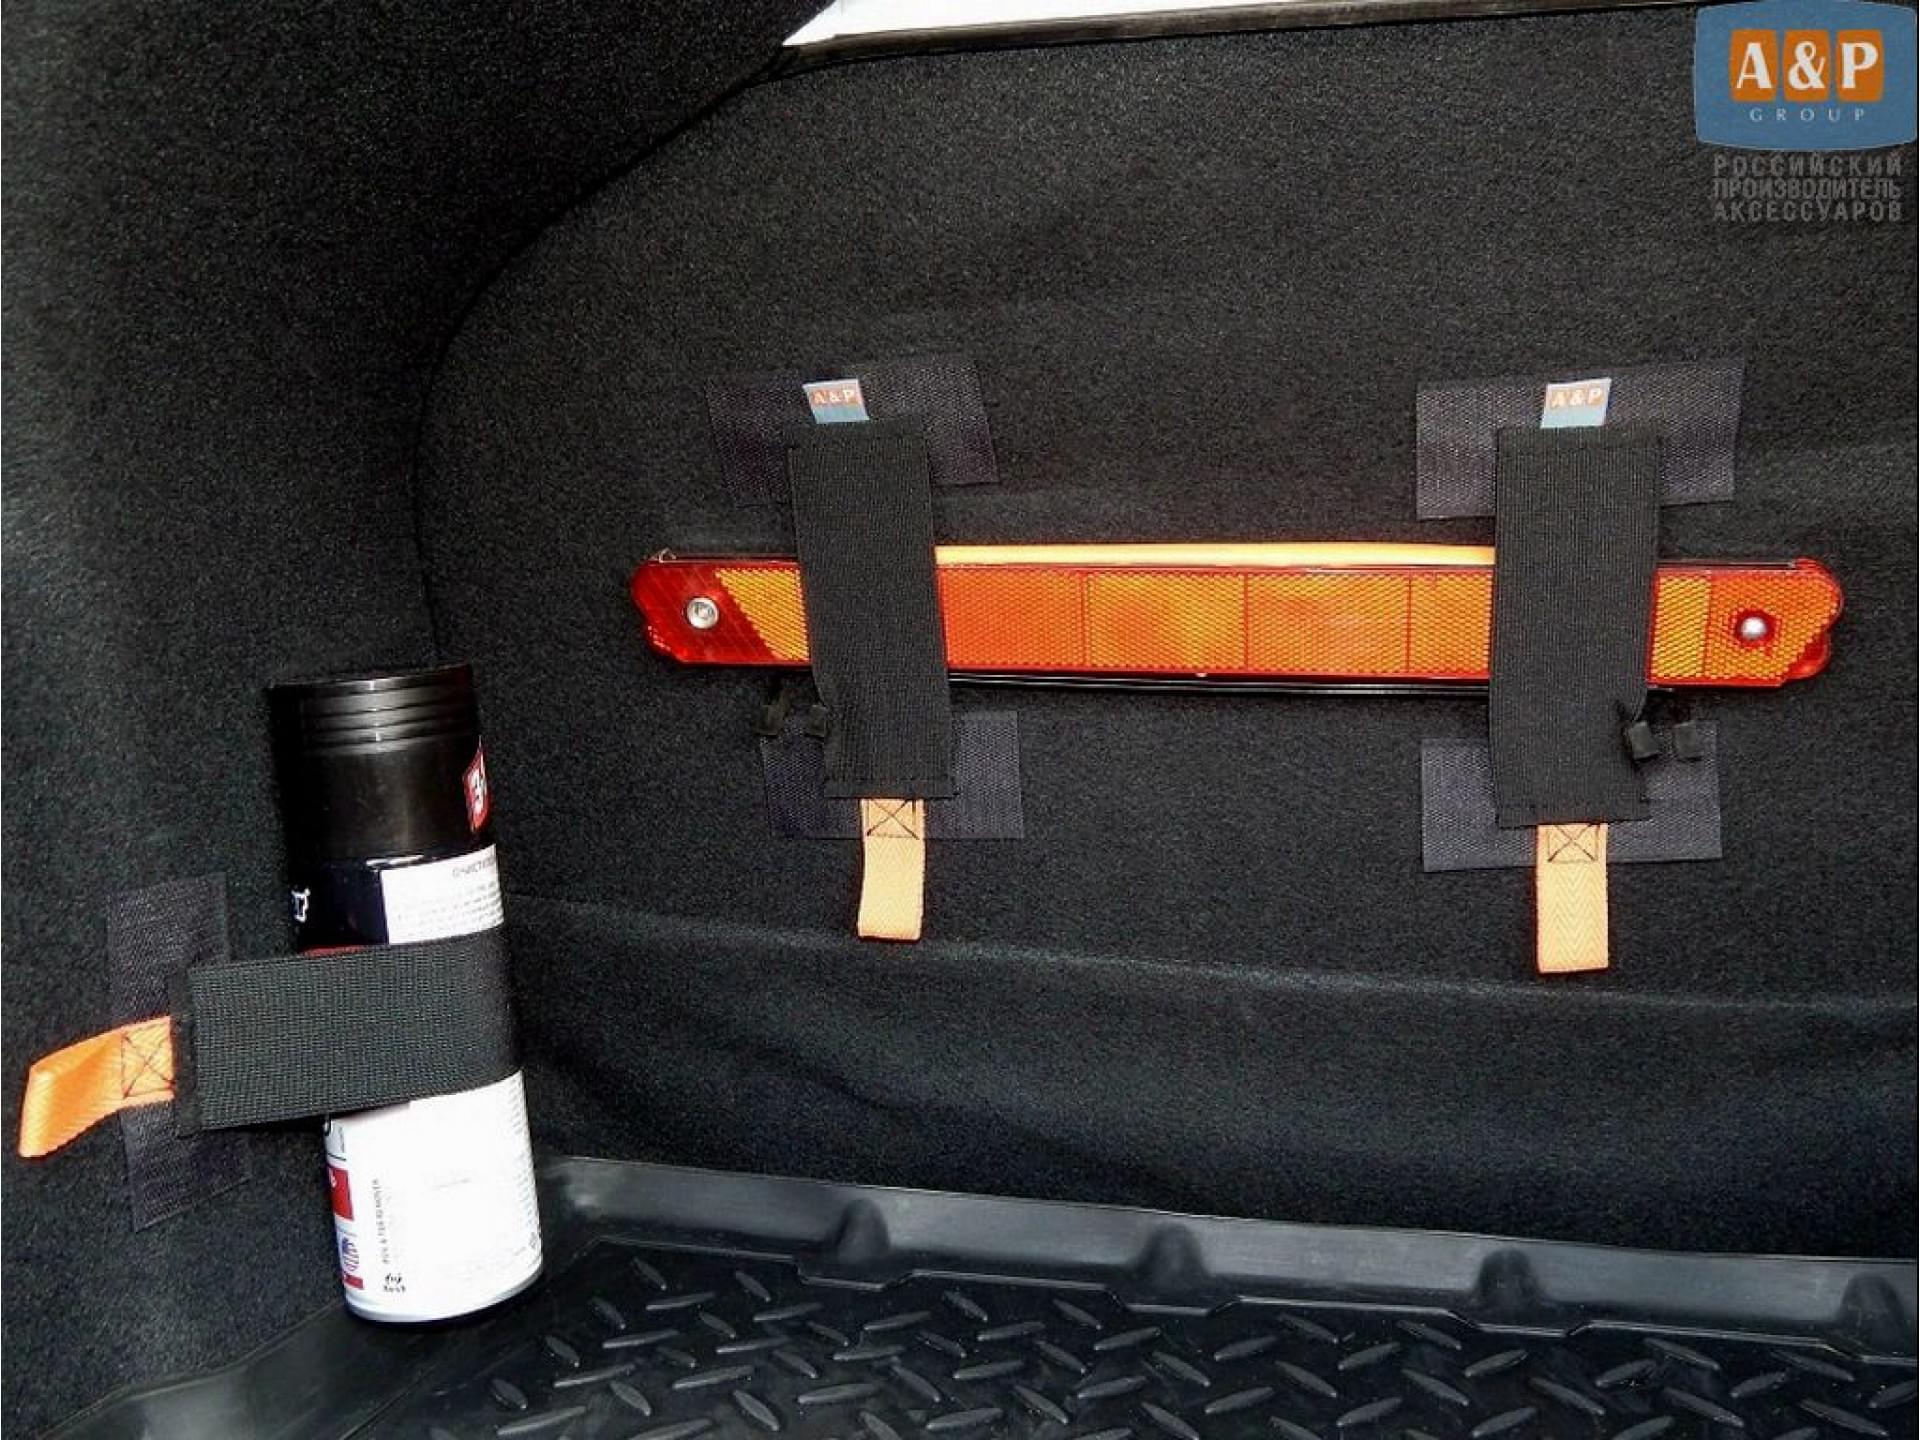 """Багажные ремни (липучки в багажник) """"Вертикаль-Мини"""" для ворса. Комплект из 3-х штук."""